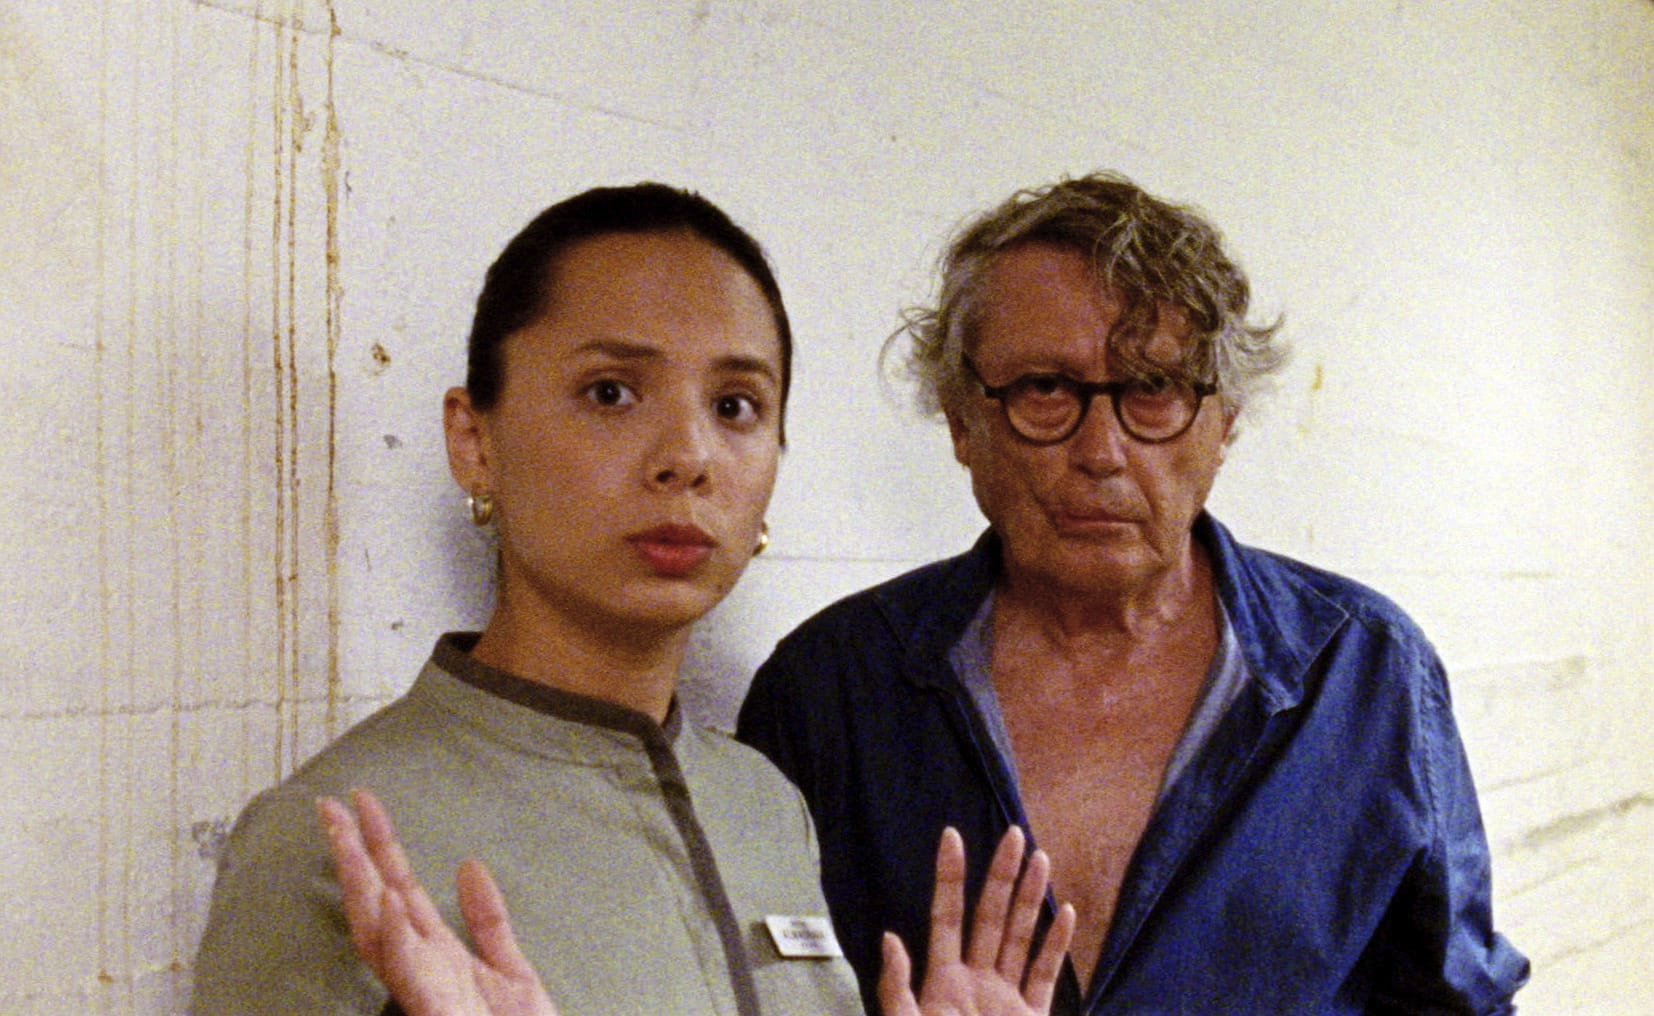 Technoboss de João Nicolau image film cinéma